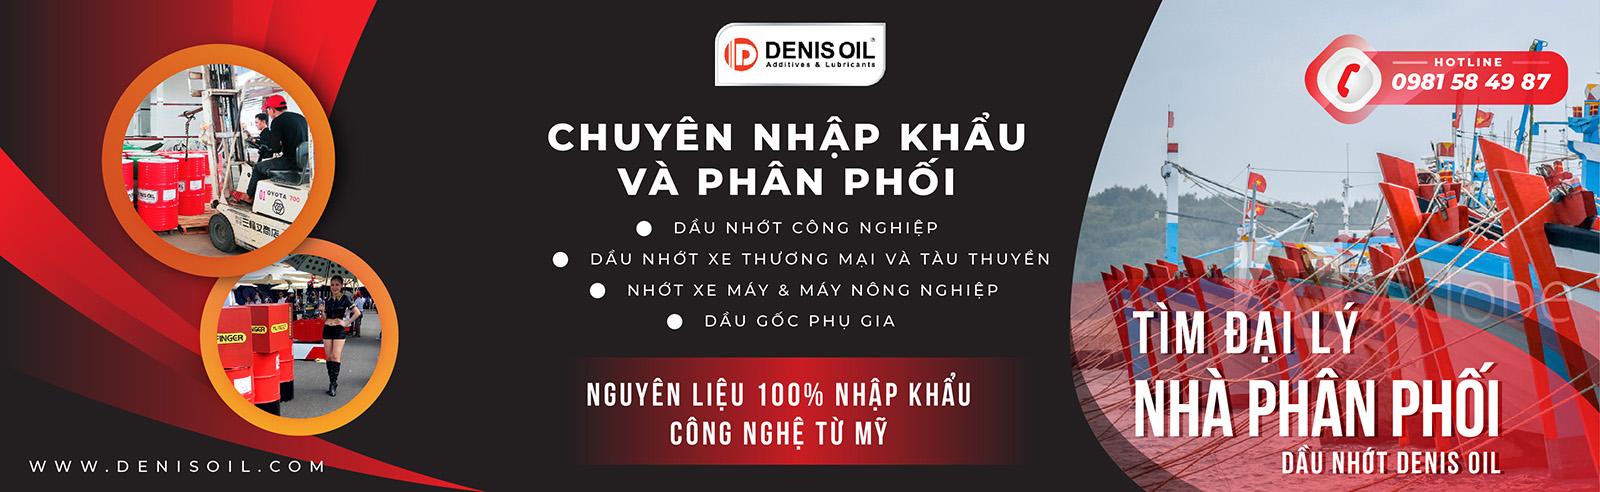 Denis Oil